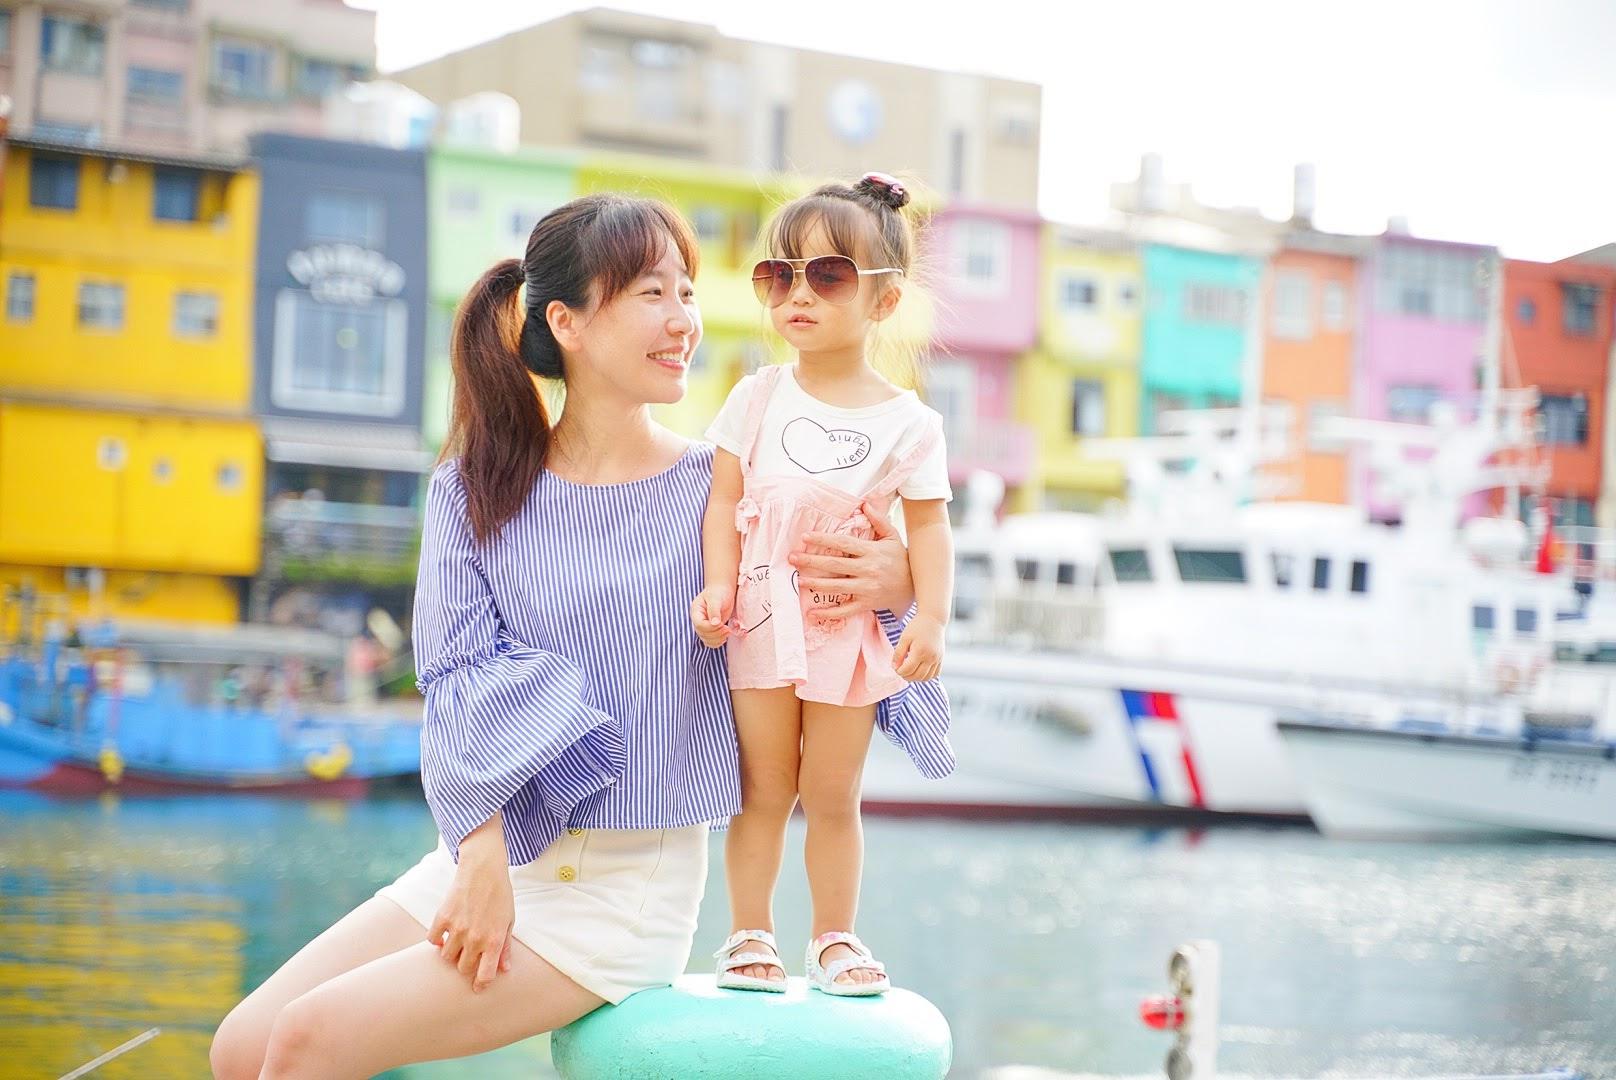 【旅遊】基隆 正濱漁港 好拍又好散步 北台灣親子一日遊推薦行程